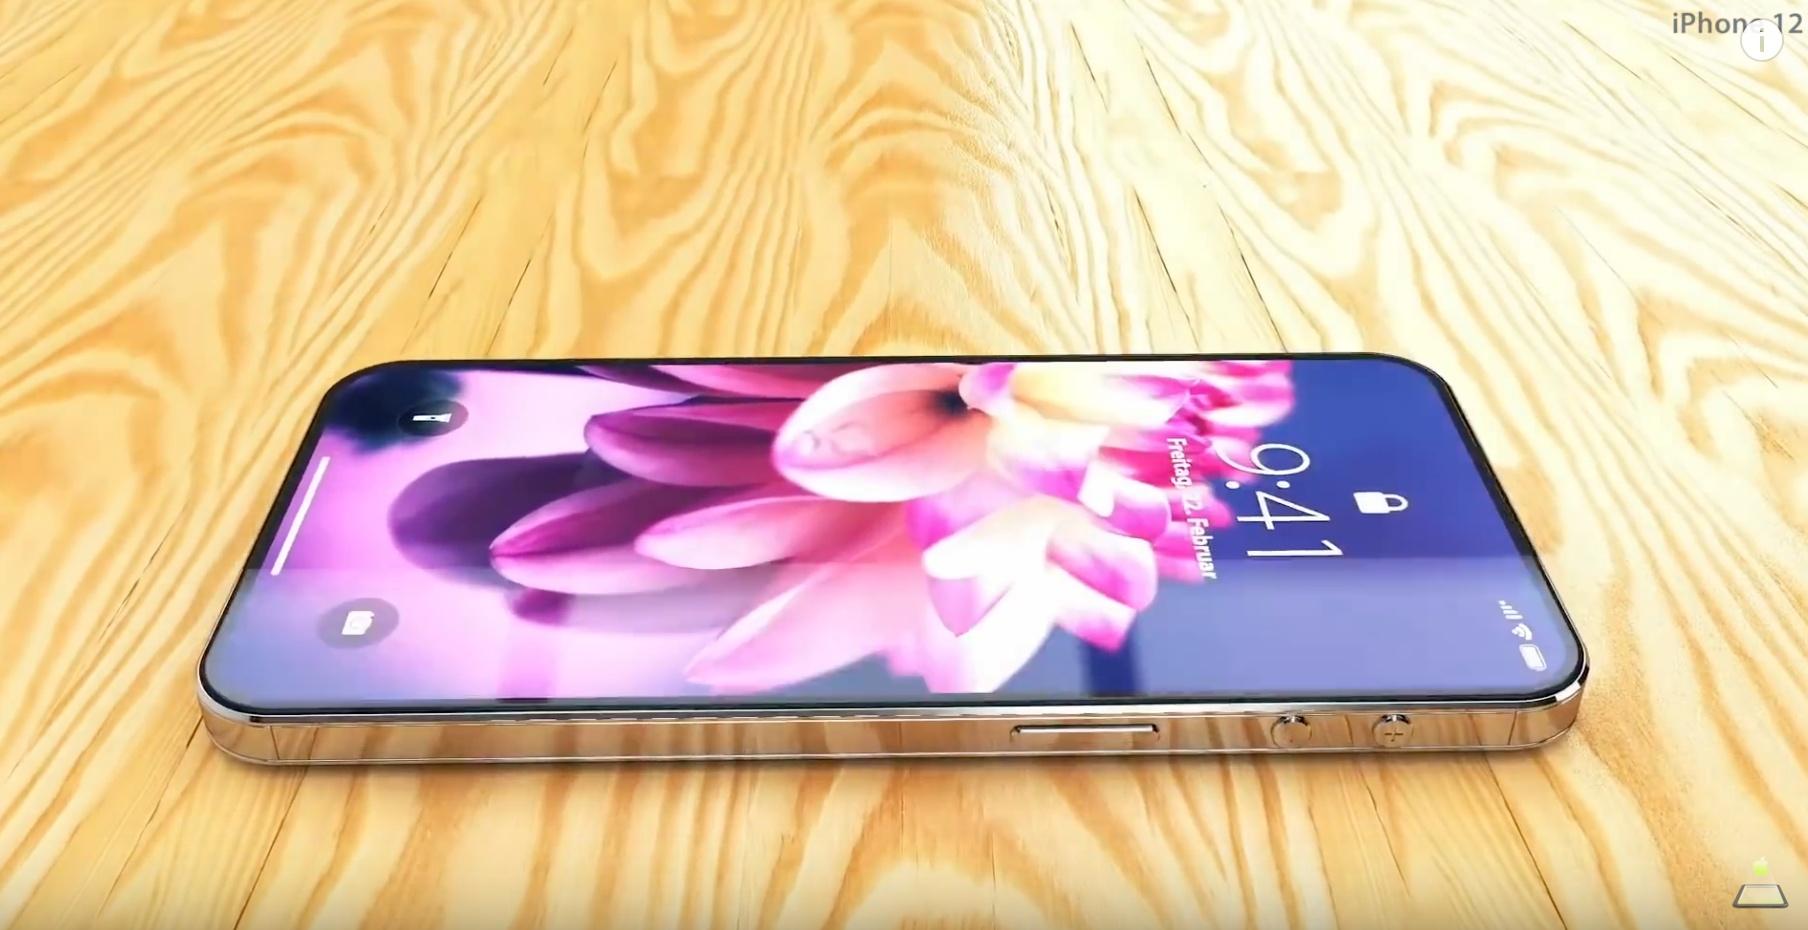 Koncept iPhone'a 12 – w takim smartfonie można się zauroczyć 20